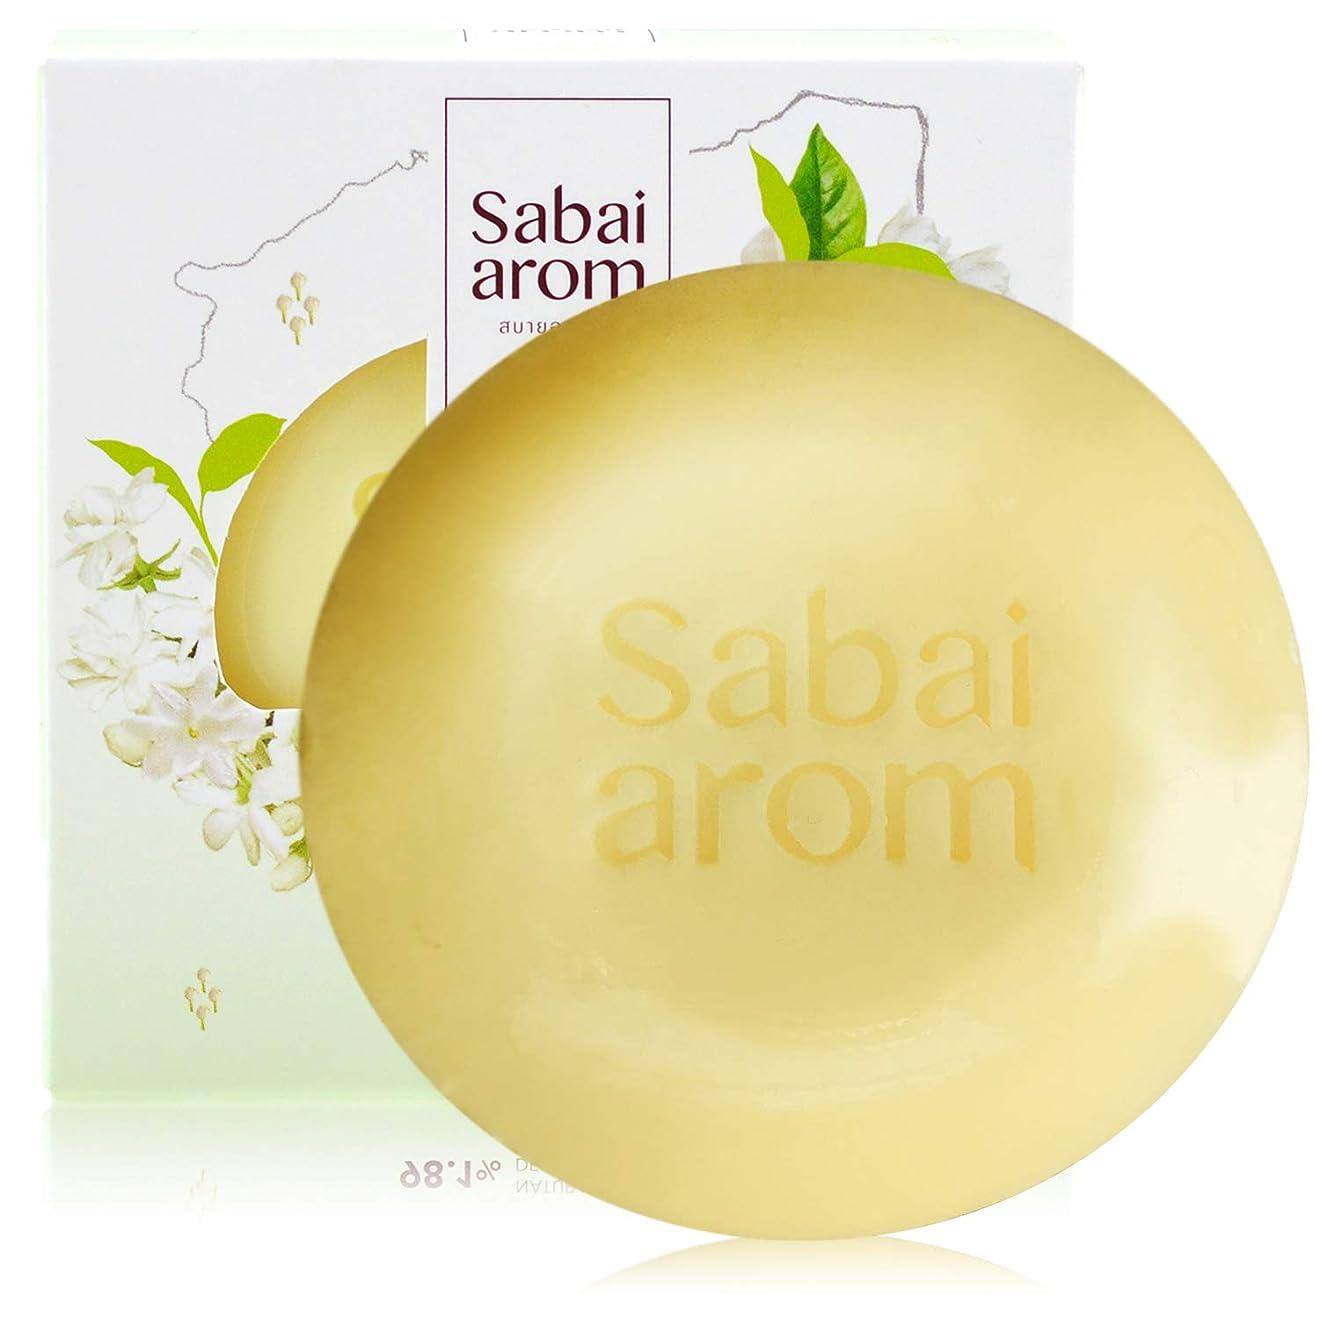 保証金もっともらしいそばにサバイアロム(Sabai-arom) マリラー ジャスミン リチュアル フェイス&ボディソープバー (石鹸) 100g【JAS】【001】